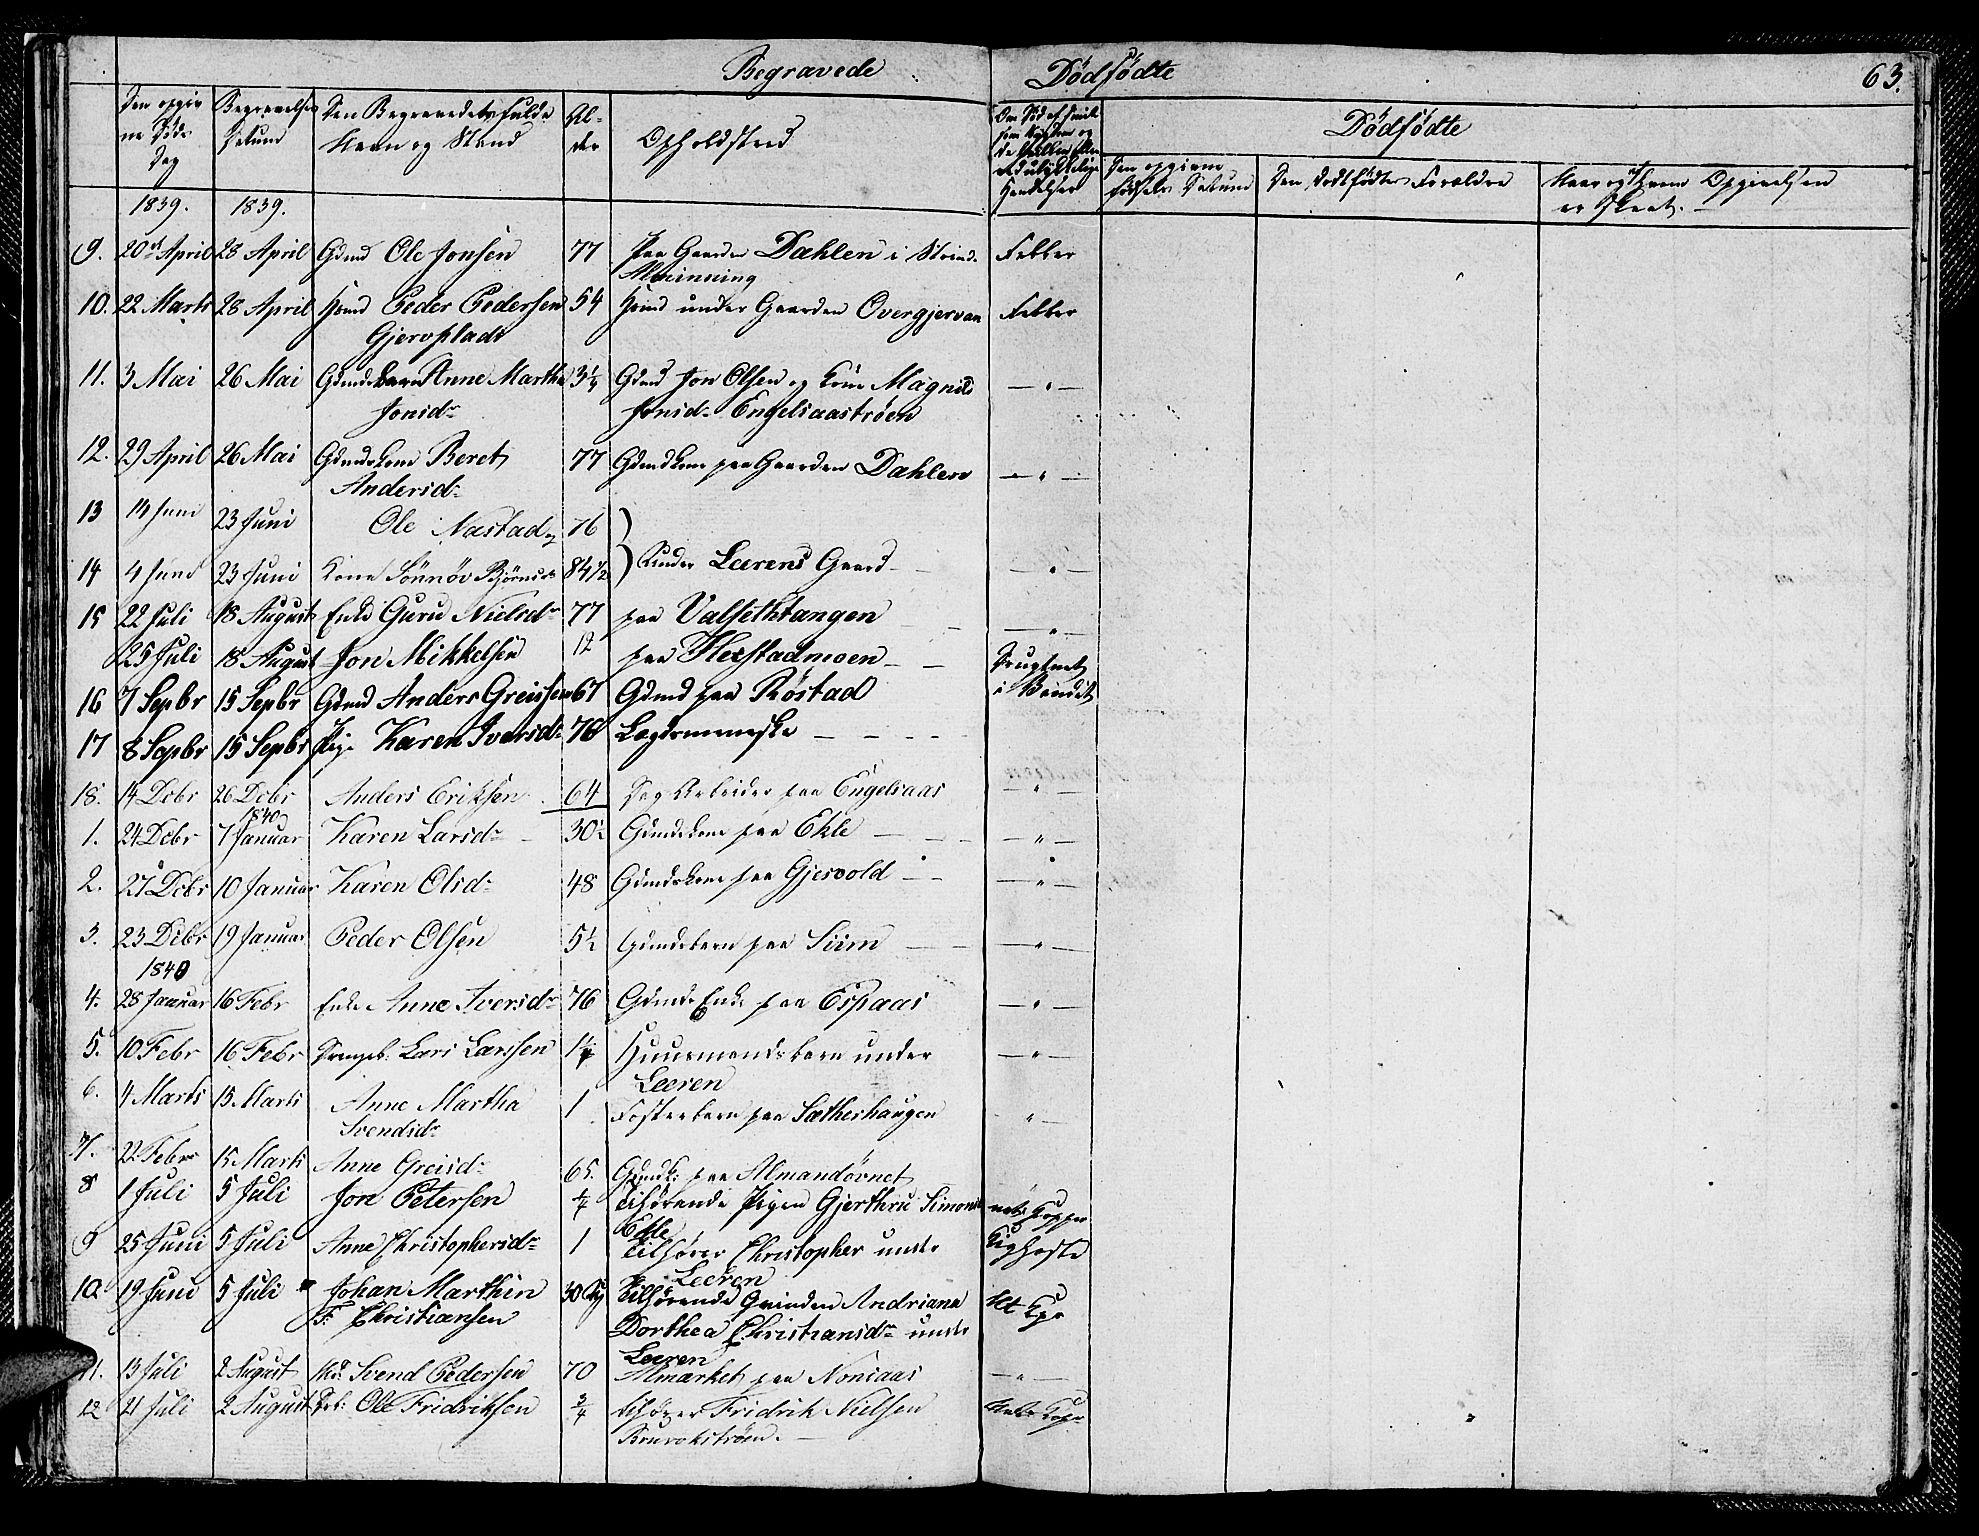 SAT, Ministerialprotokoller, klokkerbøker og fødselsregistre - Sør-Trøndelag, 608/L0338: Klokkerbok nr. 608C04, 1831-1843, s. 63